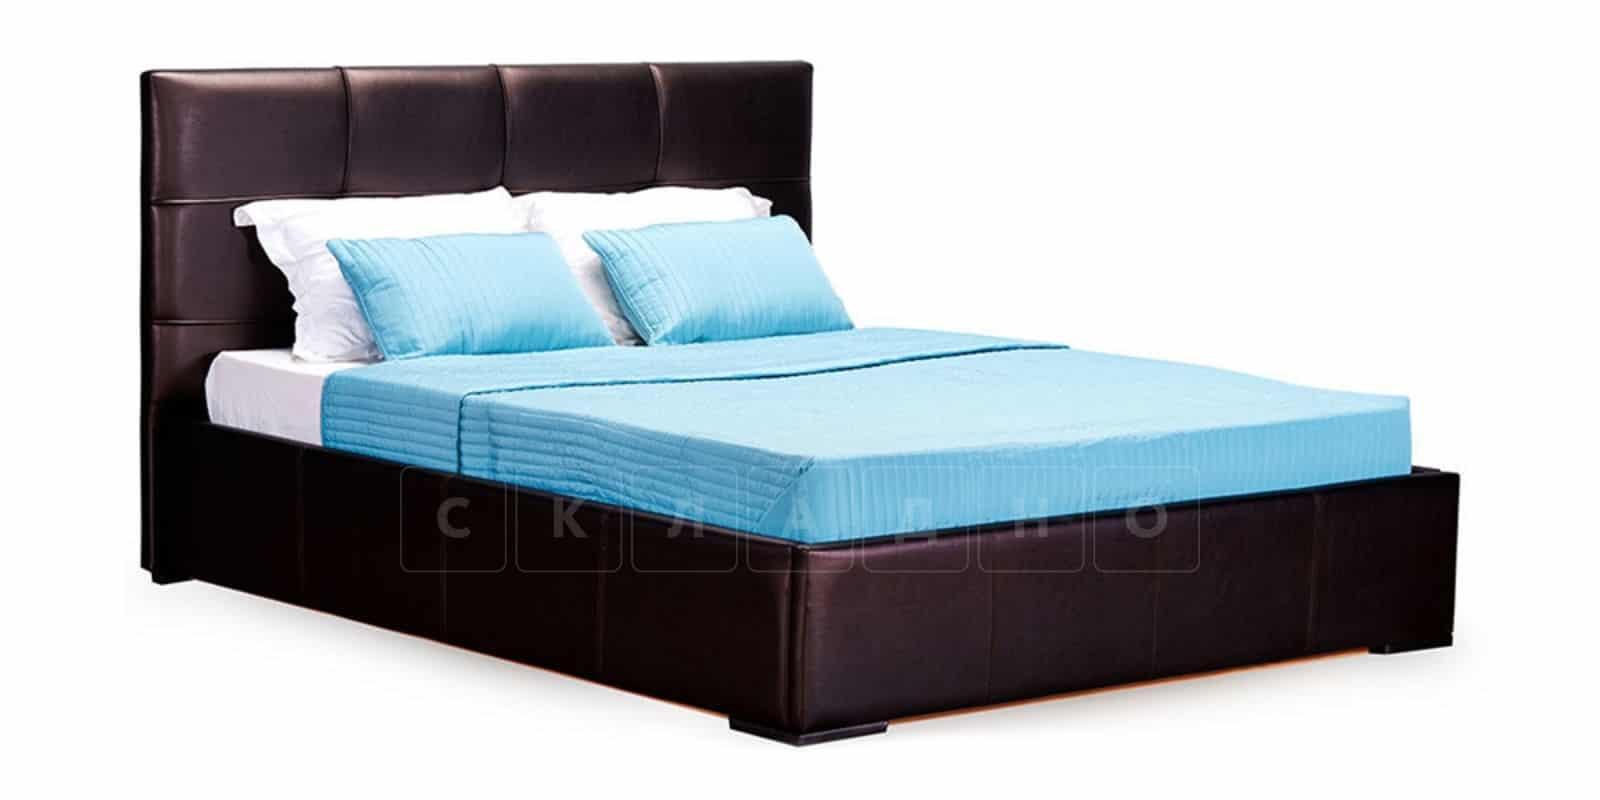 Мягкая кровать Лайф 160см шоколад без подъемного механизма фото 2 | интернет-магазин Складно